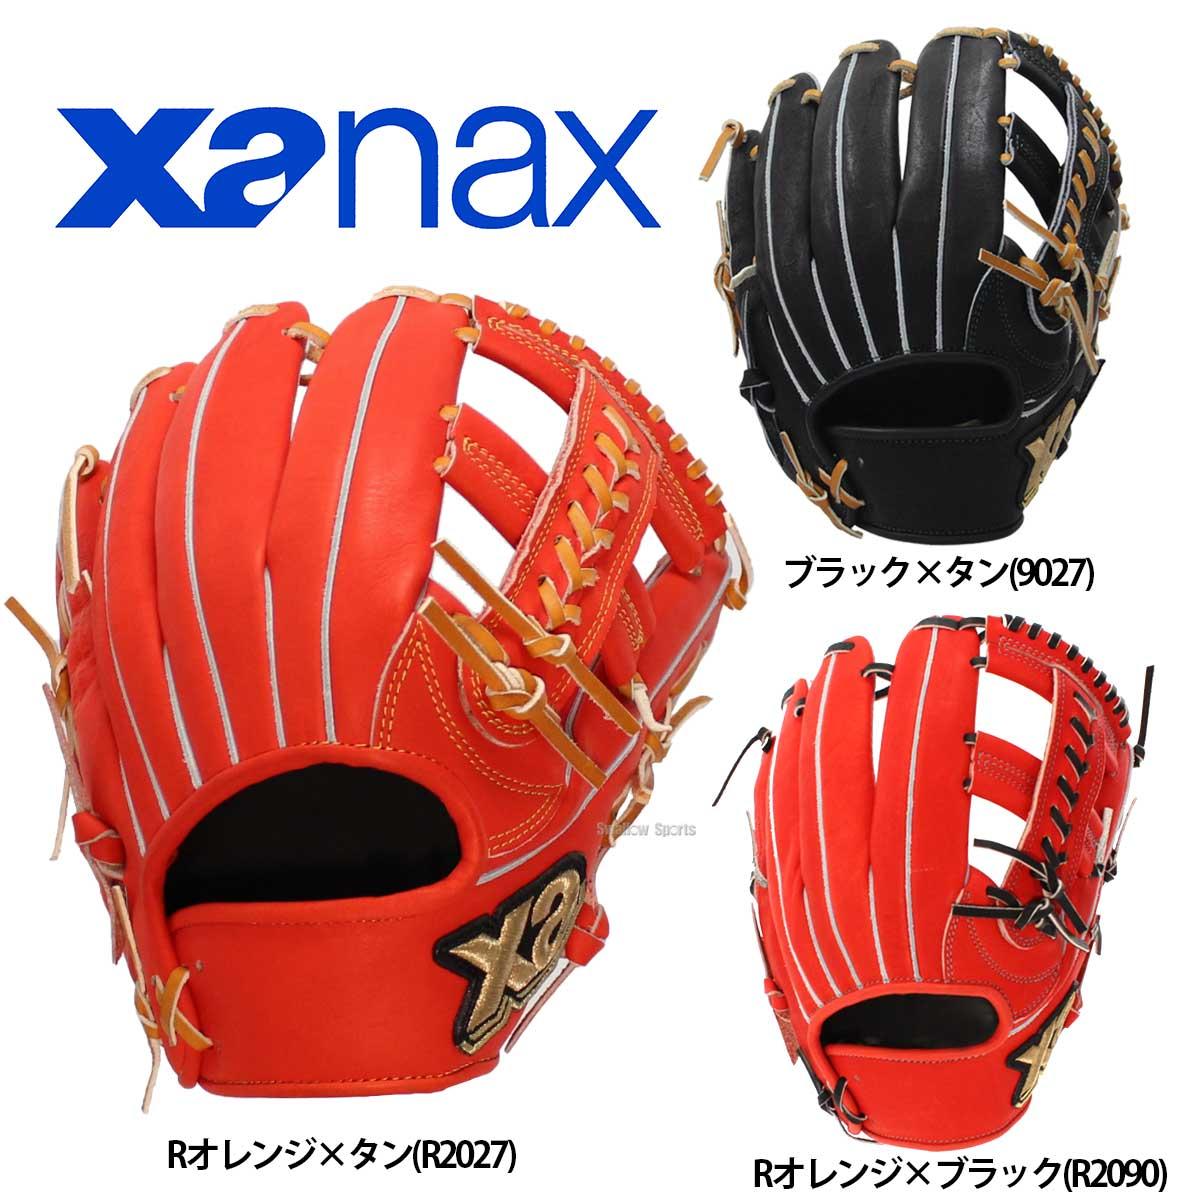 【あす楽対応】 ザナックス グラブ ザナパワー 硬式 オールラウンド用 (中) BHG-5716S 硬式用 グローブ 野球用品 スワロースポーツ